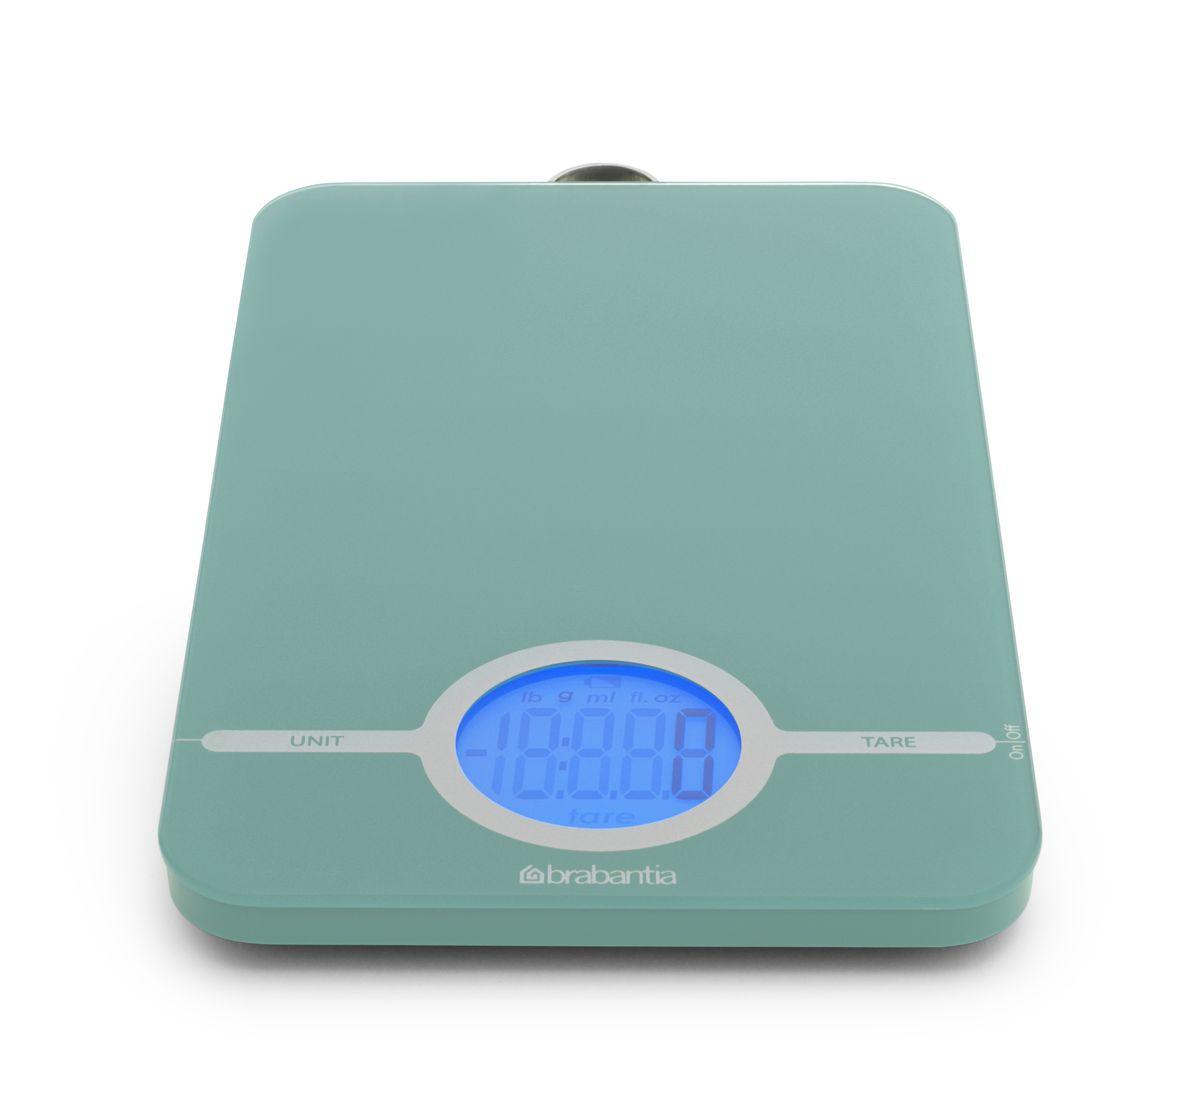 Весы кухонные Brabantia, цифровые, цвет: мятный. 480720 brabantia цифровые кухонные весы 480720 brabantia